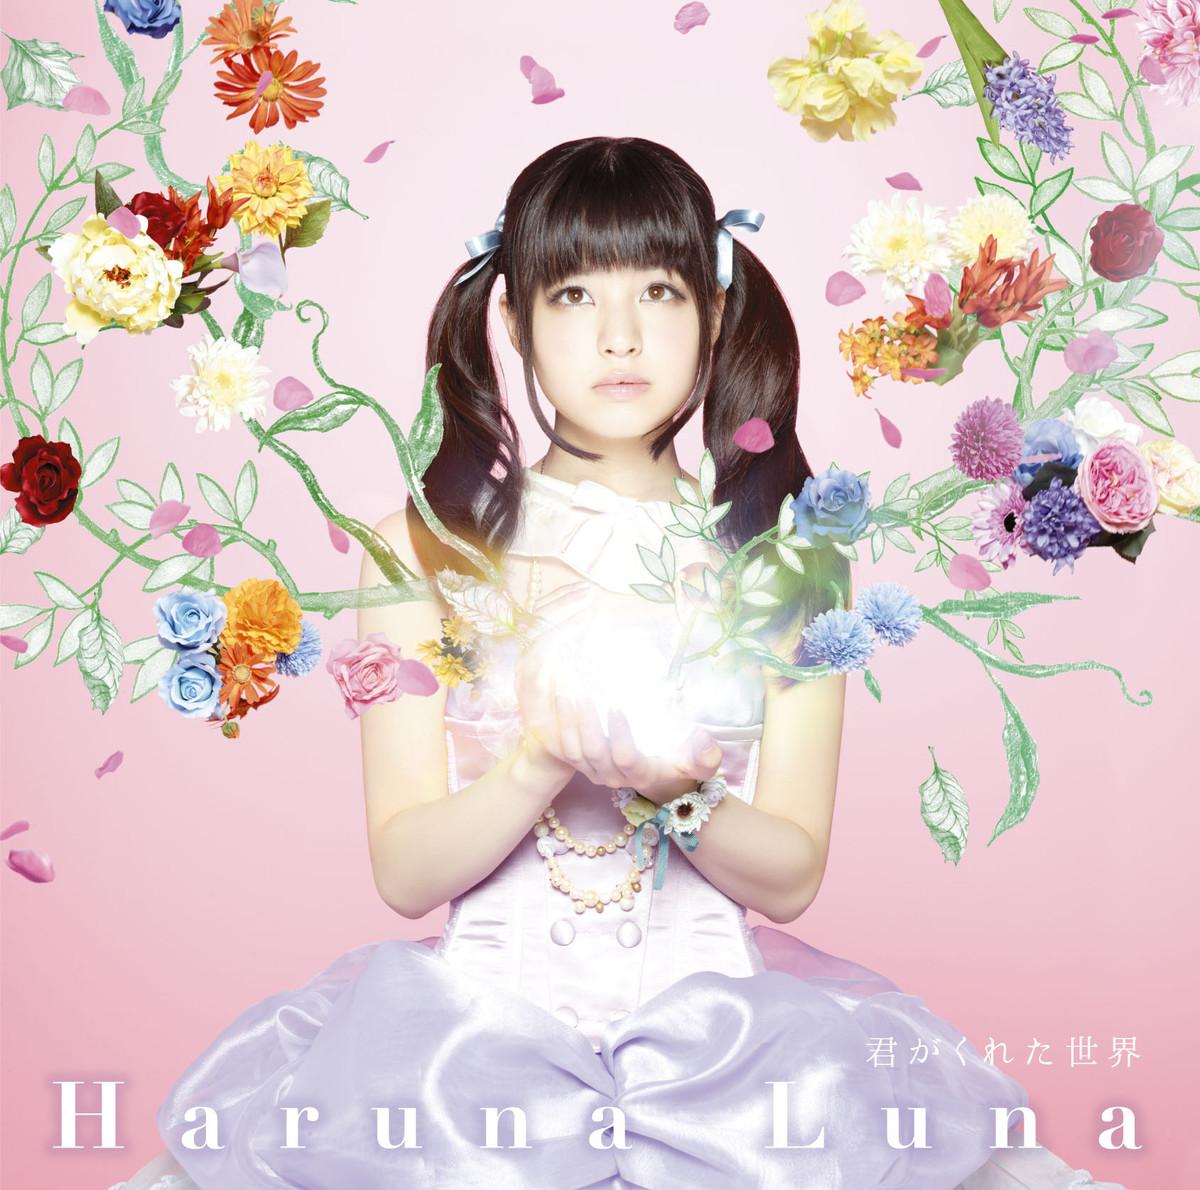 20160908.11.05 Luna Haruna - Kimi ga Kureta Sekai cover 2.jpg